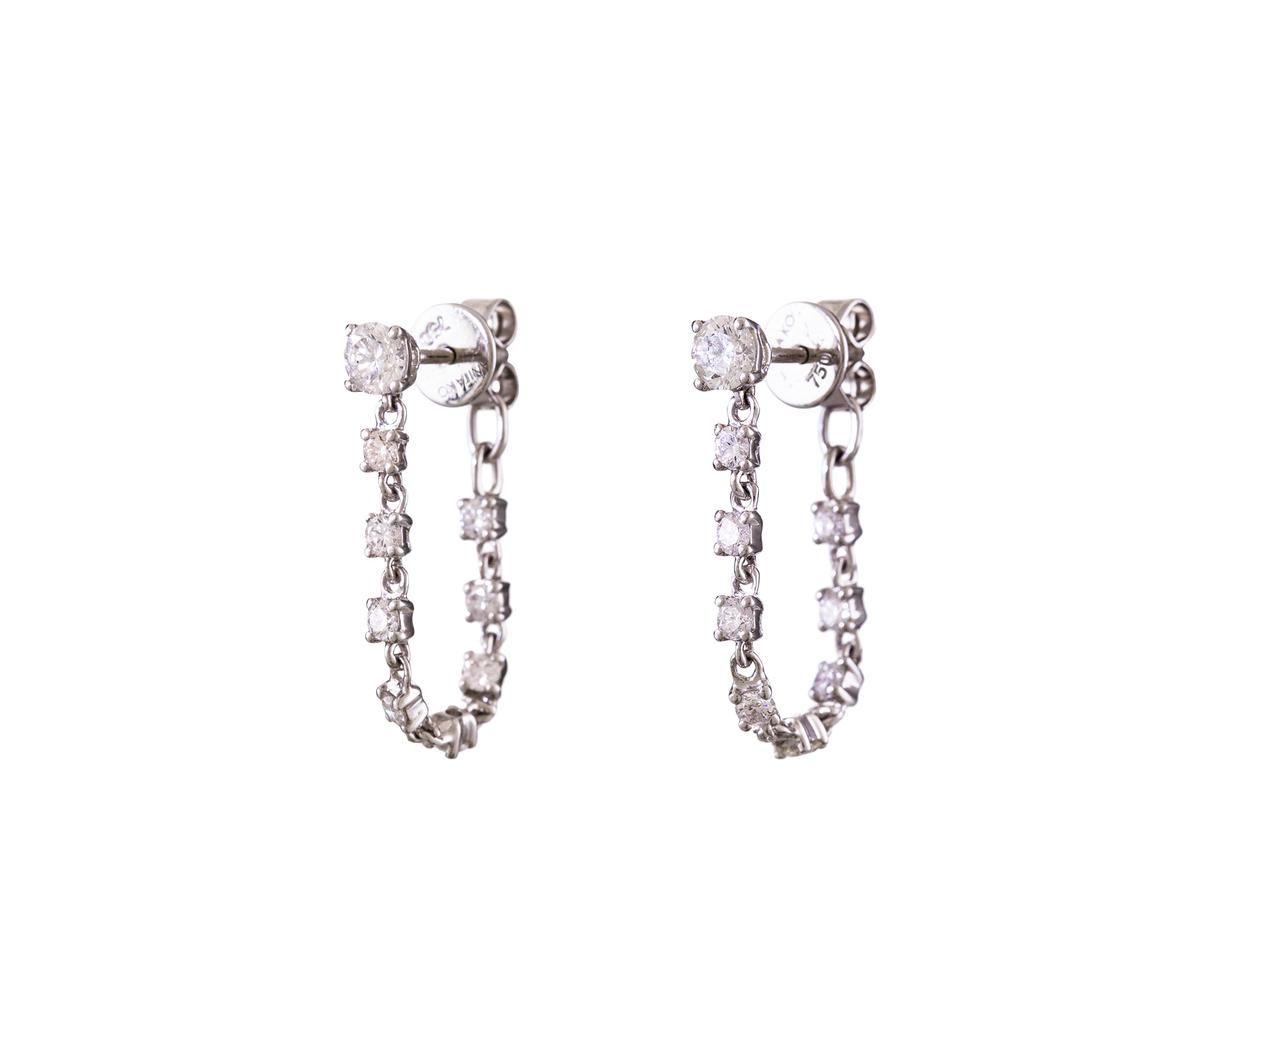 Rope 18-karat White Gold Diamond Earrings - one size Anita Ko ReNJeqF